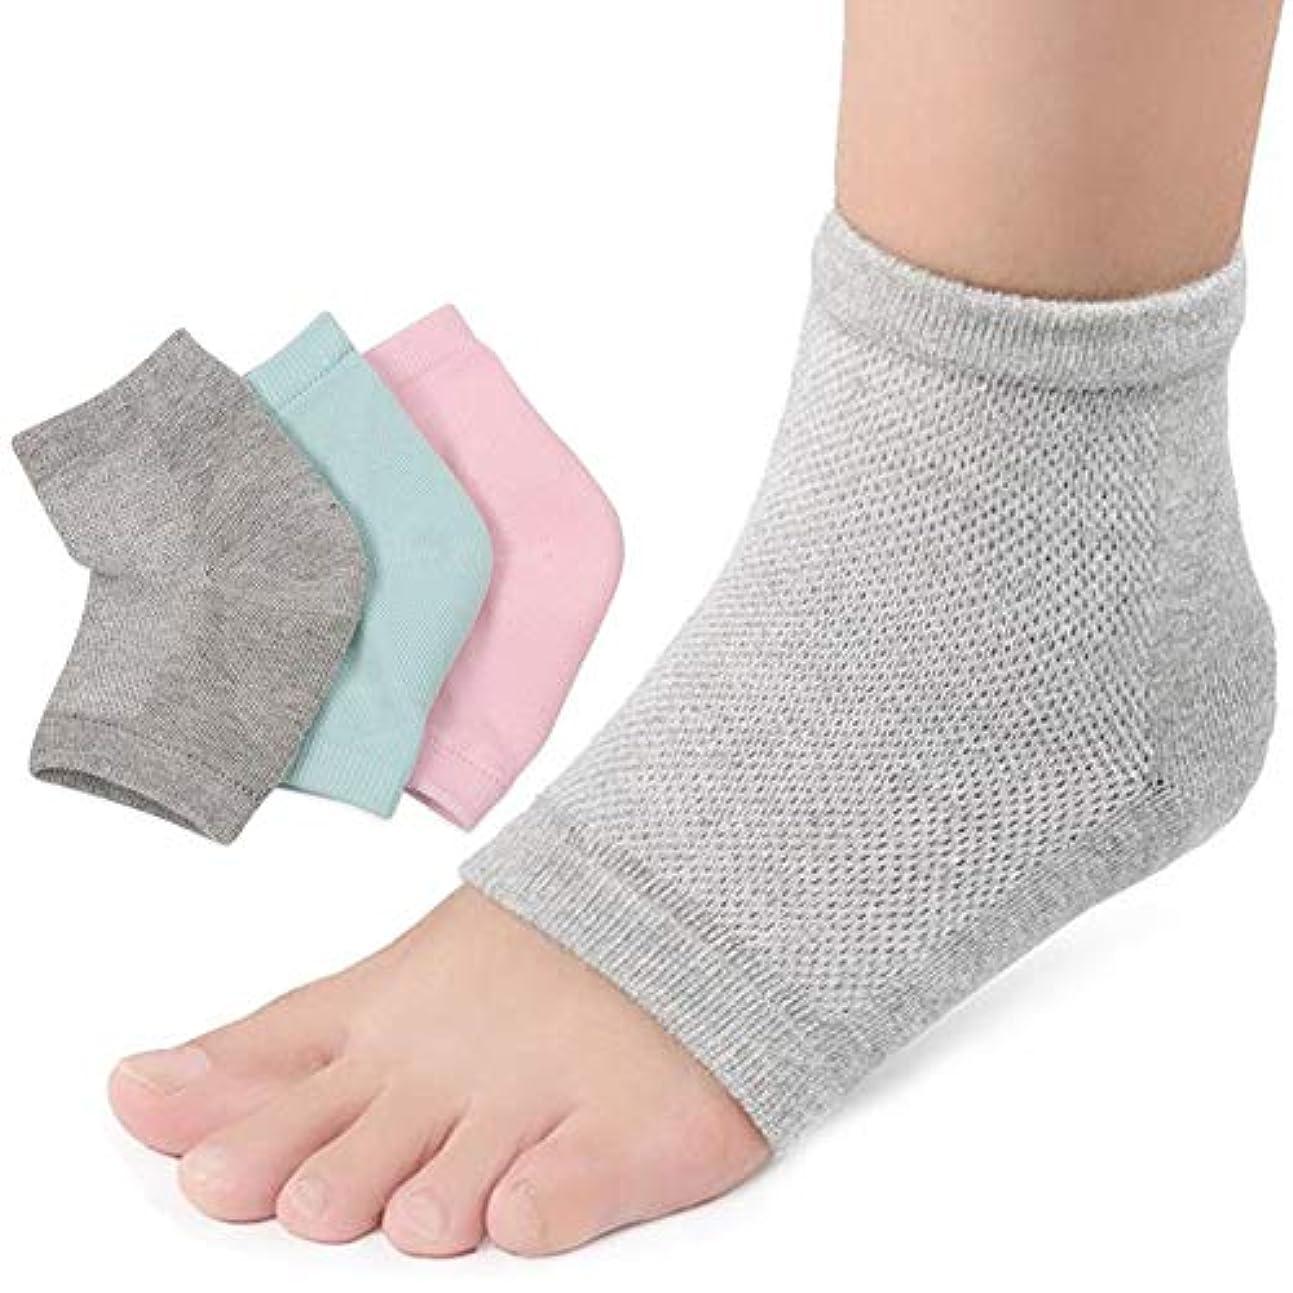 今膨らみ災難3足セットかかと 靴下 かかとケア つるつる ジェル 靴下 角質 ケア 保湿 美容 角質除去足ケア 男女兼用